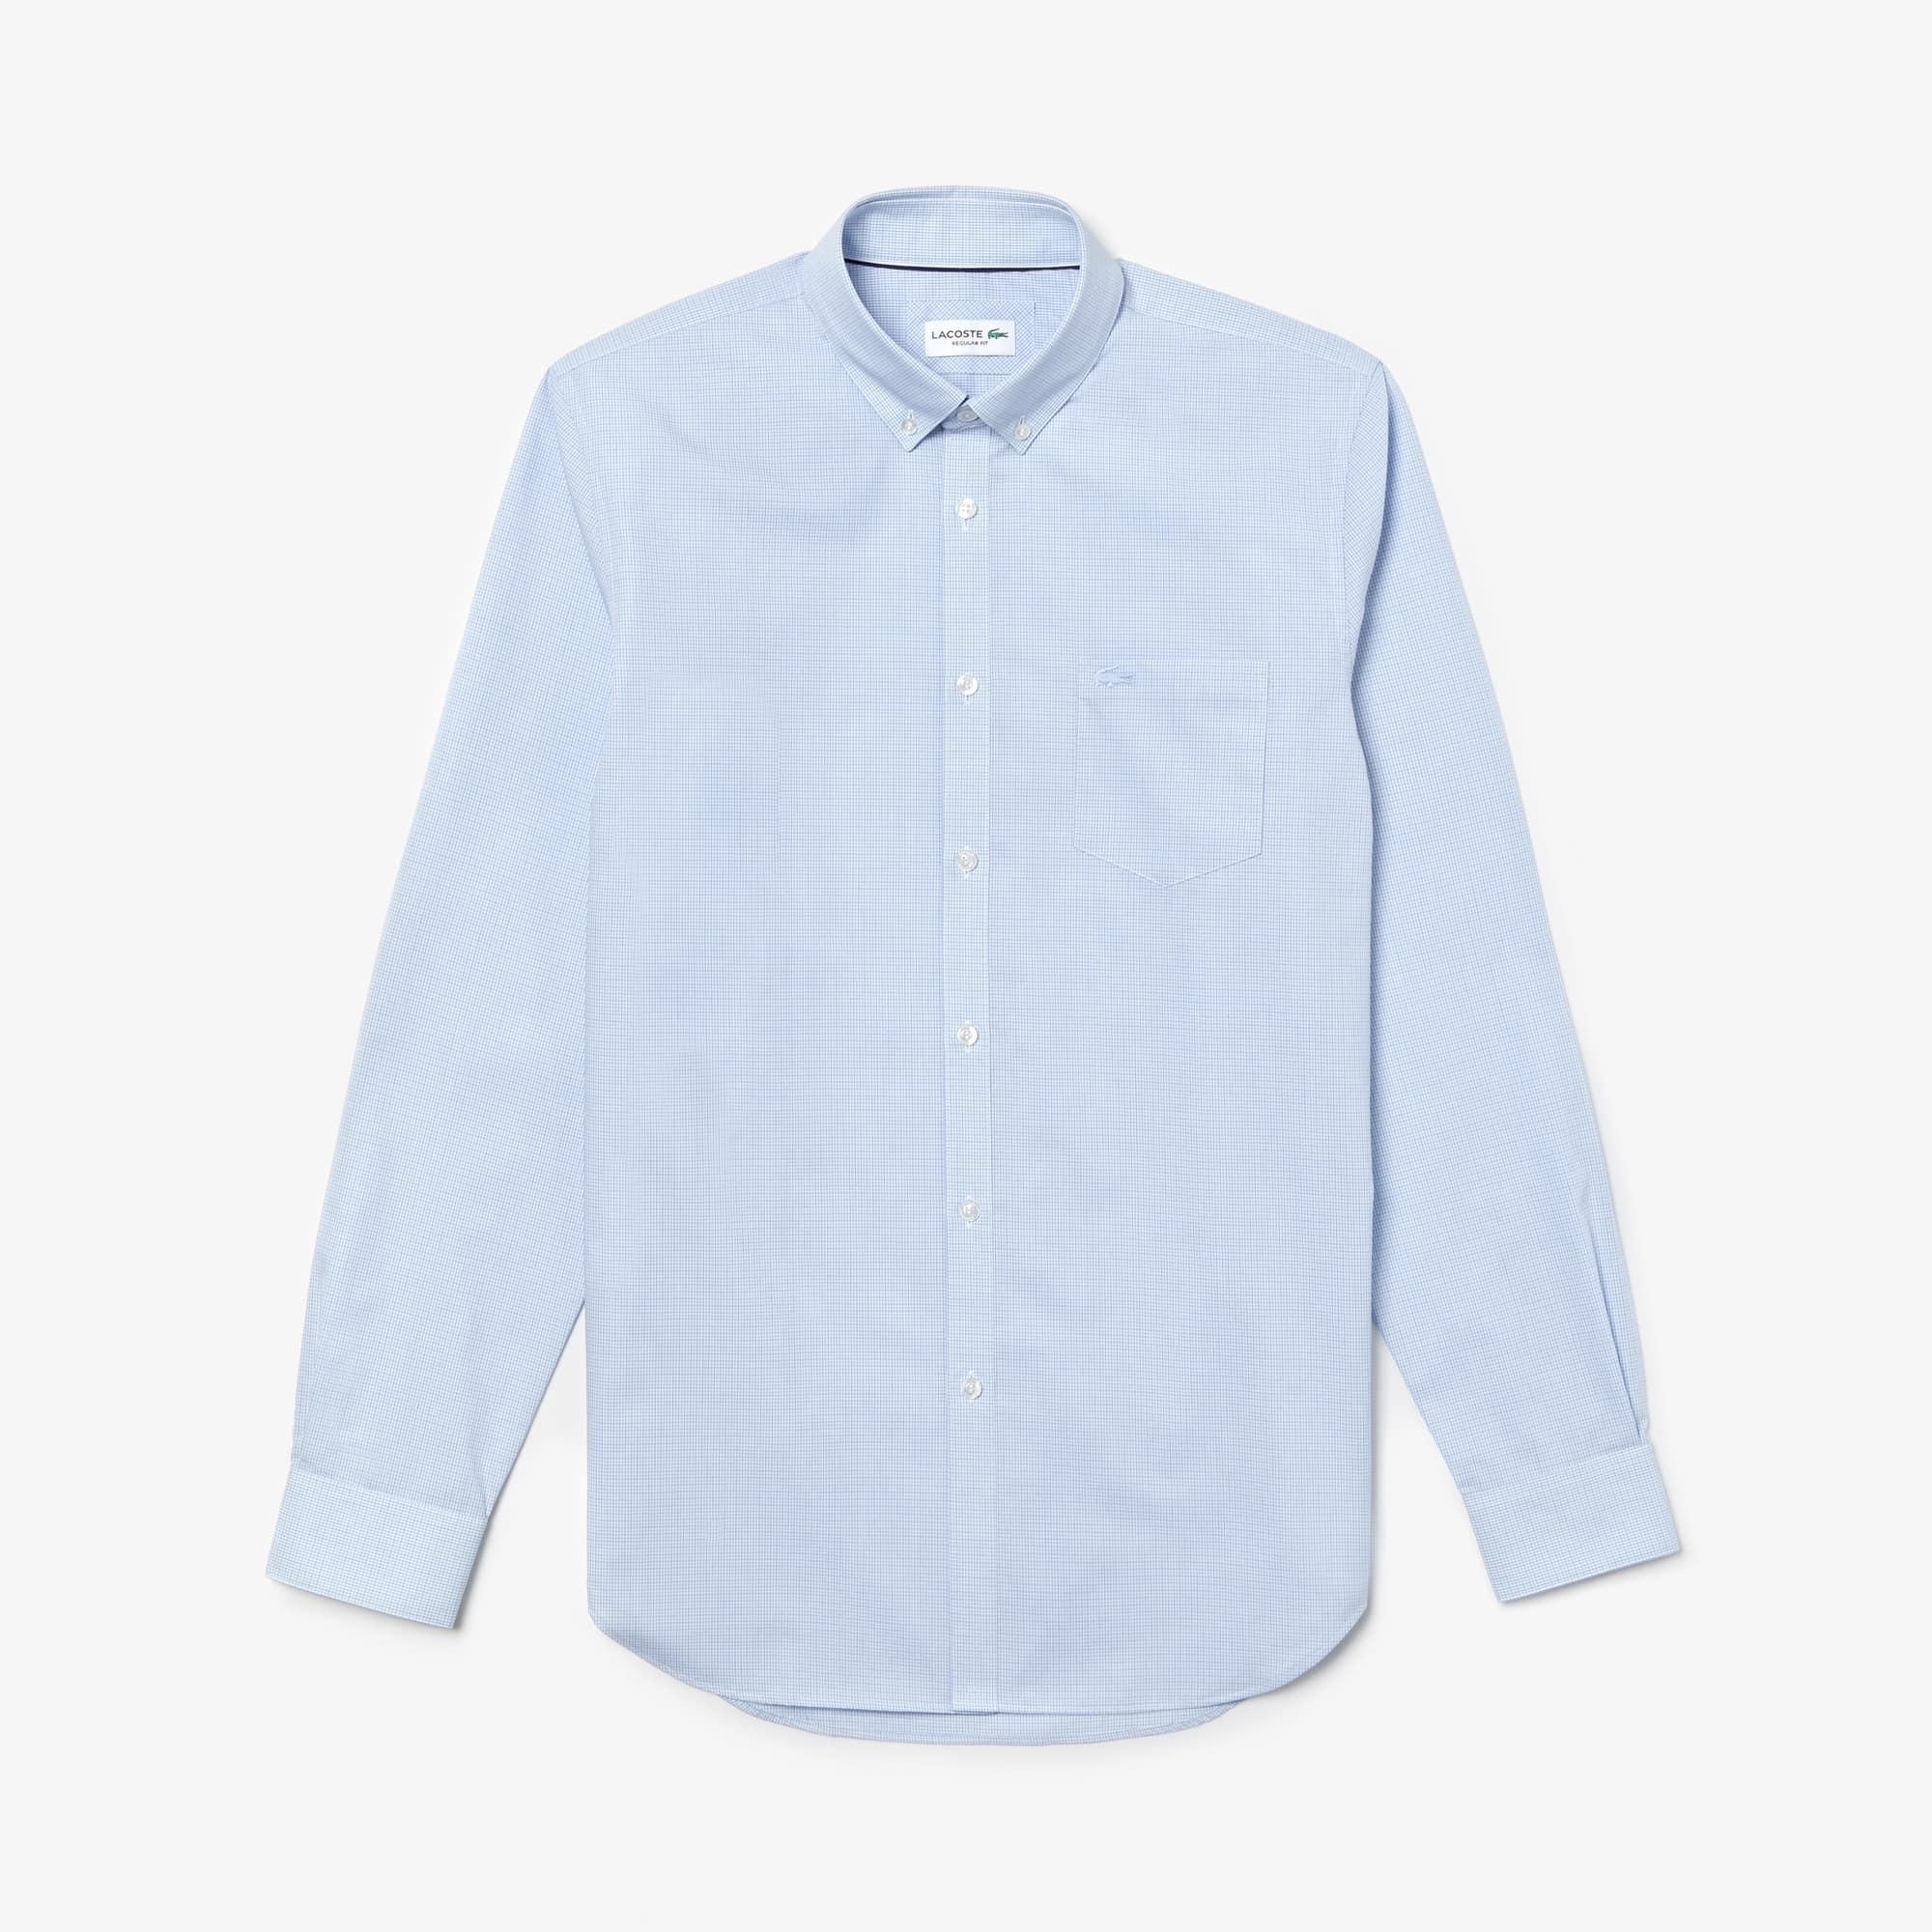 Shirt heren regular fit katoenpopeline met mini-ruitpatroon